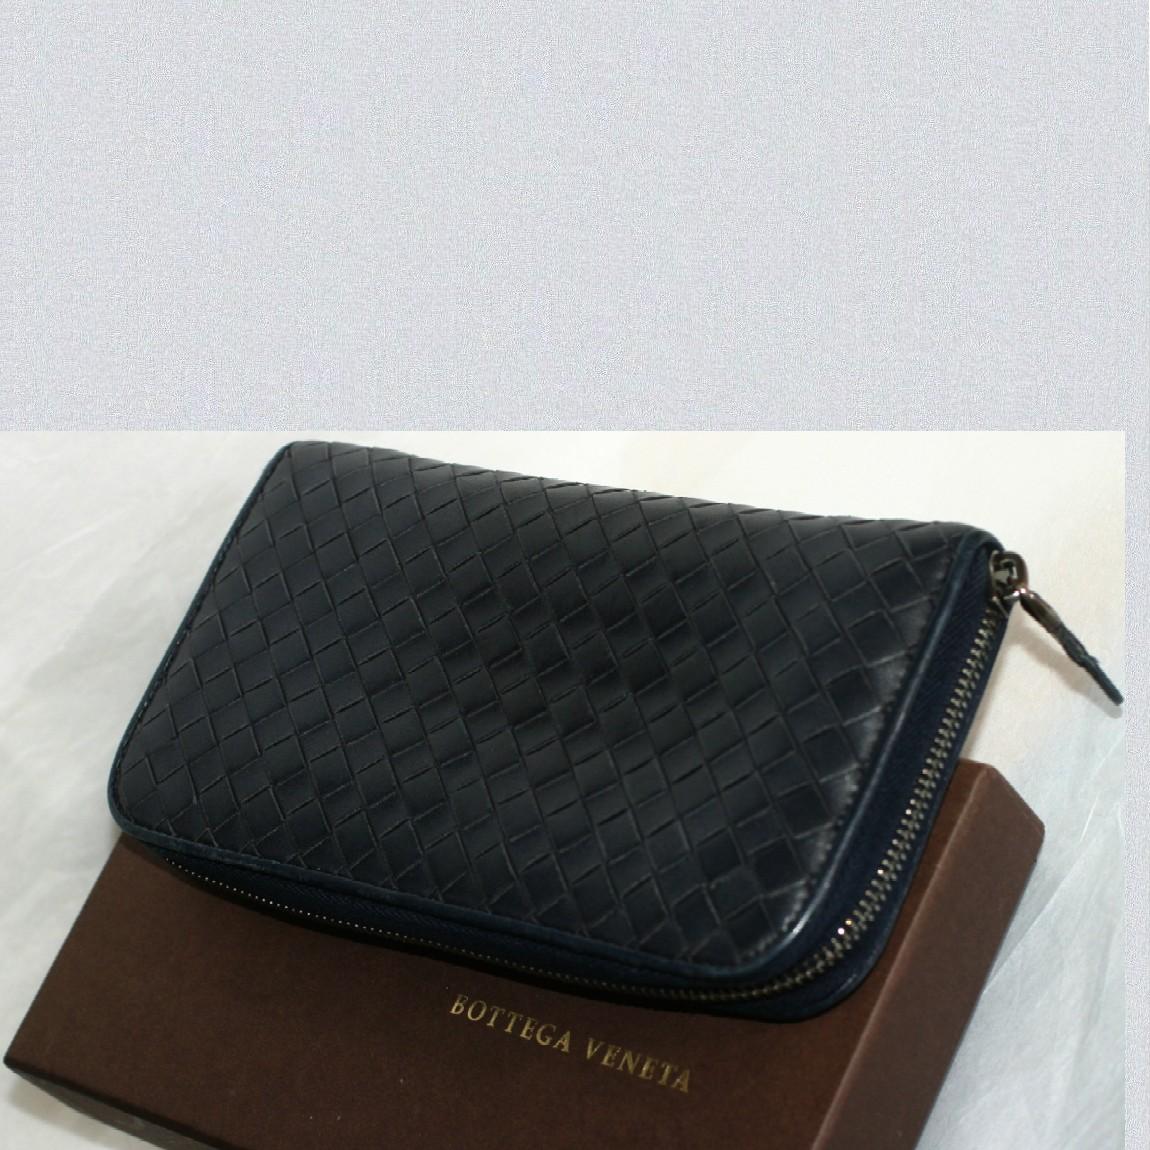 【中古】本物綺麗ボッテガヴェネタ女性用黒に近い濃紺色革素材ラウンドファスナー長財布 お勧めです